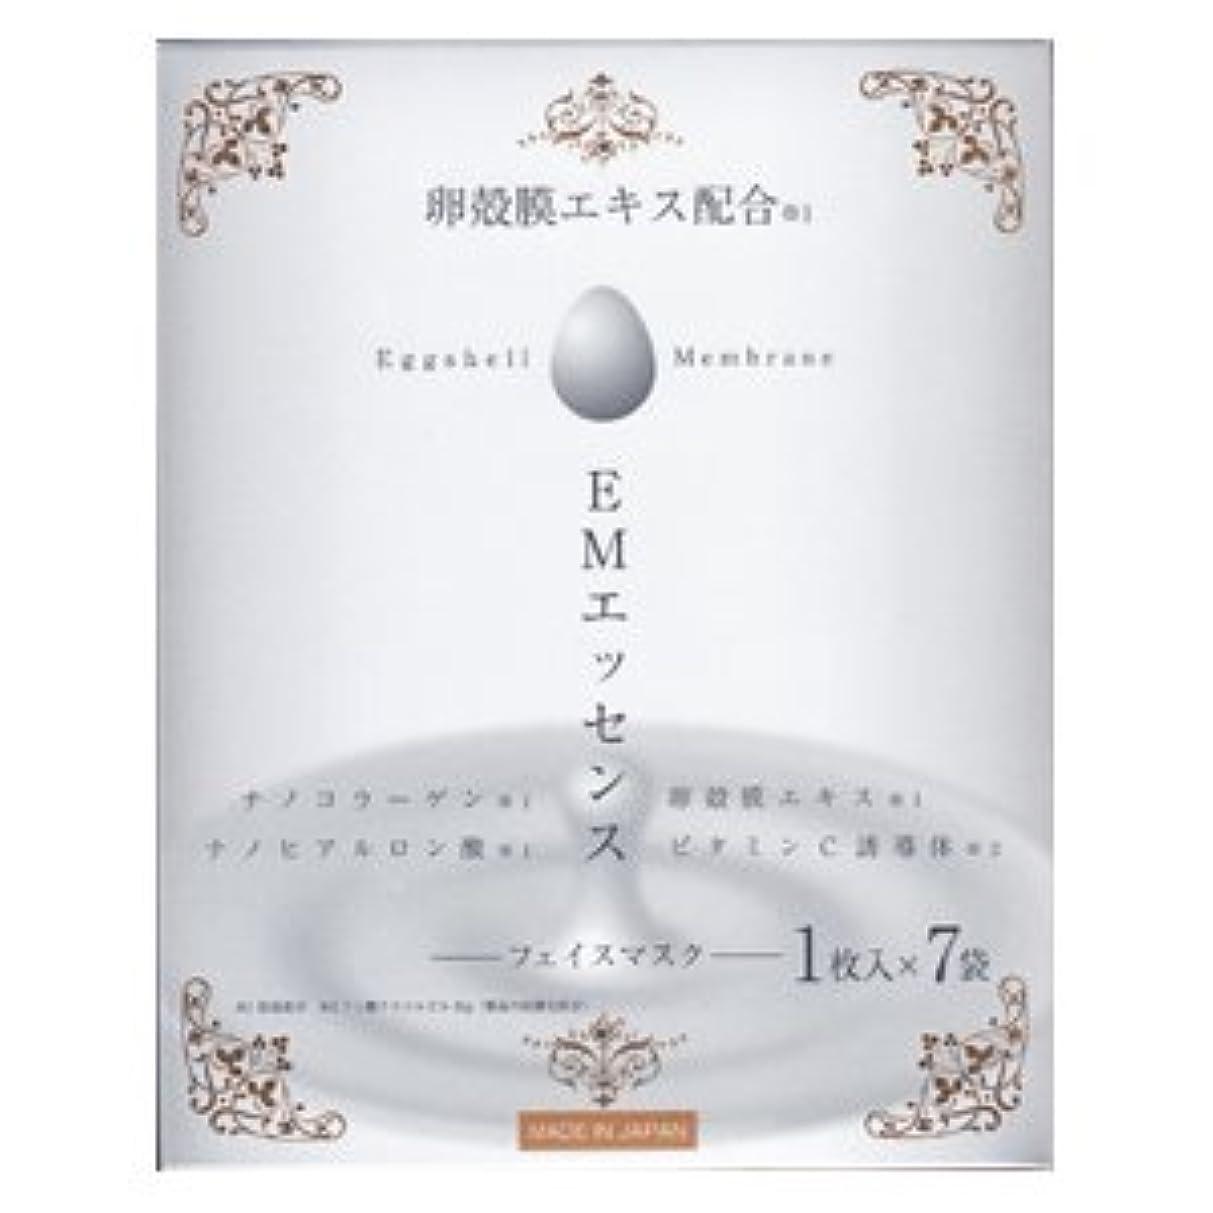 読書をする膨張する同時卵殻膜エキス配合 EMエッセンス フェイスマスク 1枚入×7袋